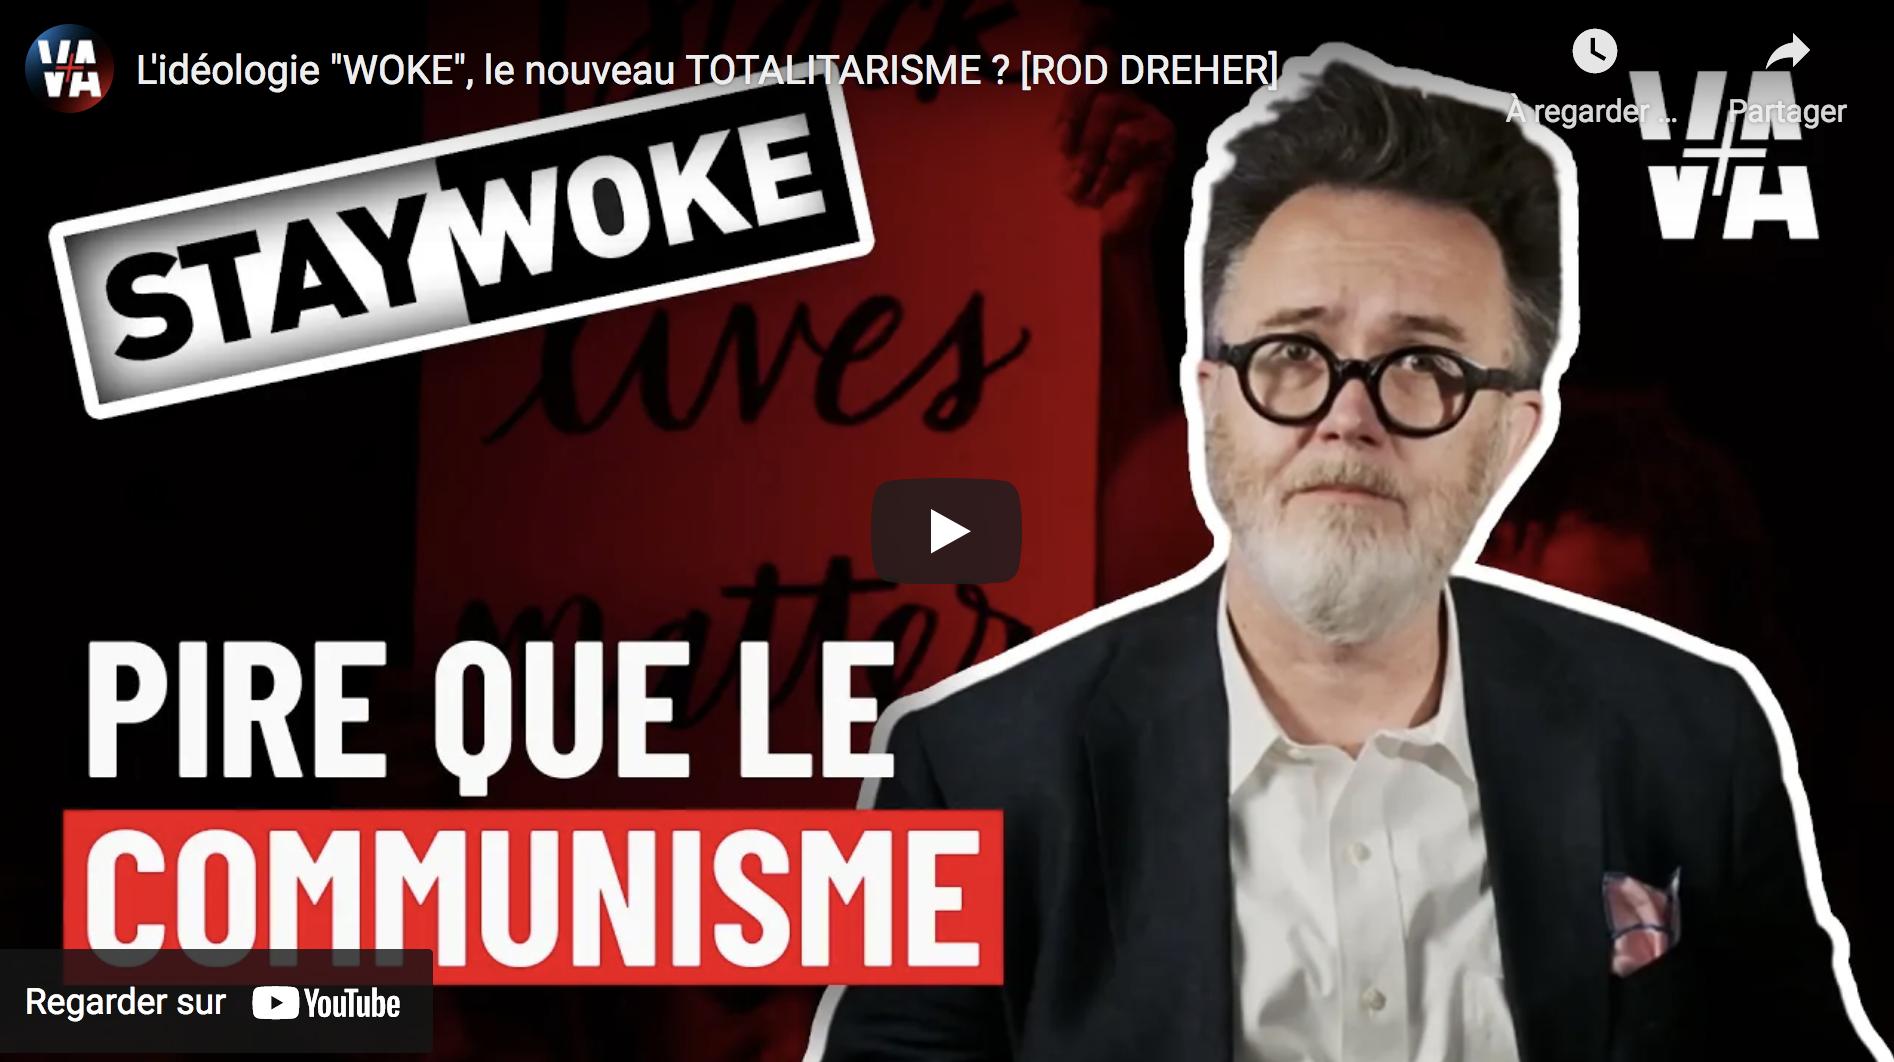 """L'idéologie """"Woke"""", le nouveau totalitarisme ? (Rod Dreher)"""